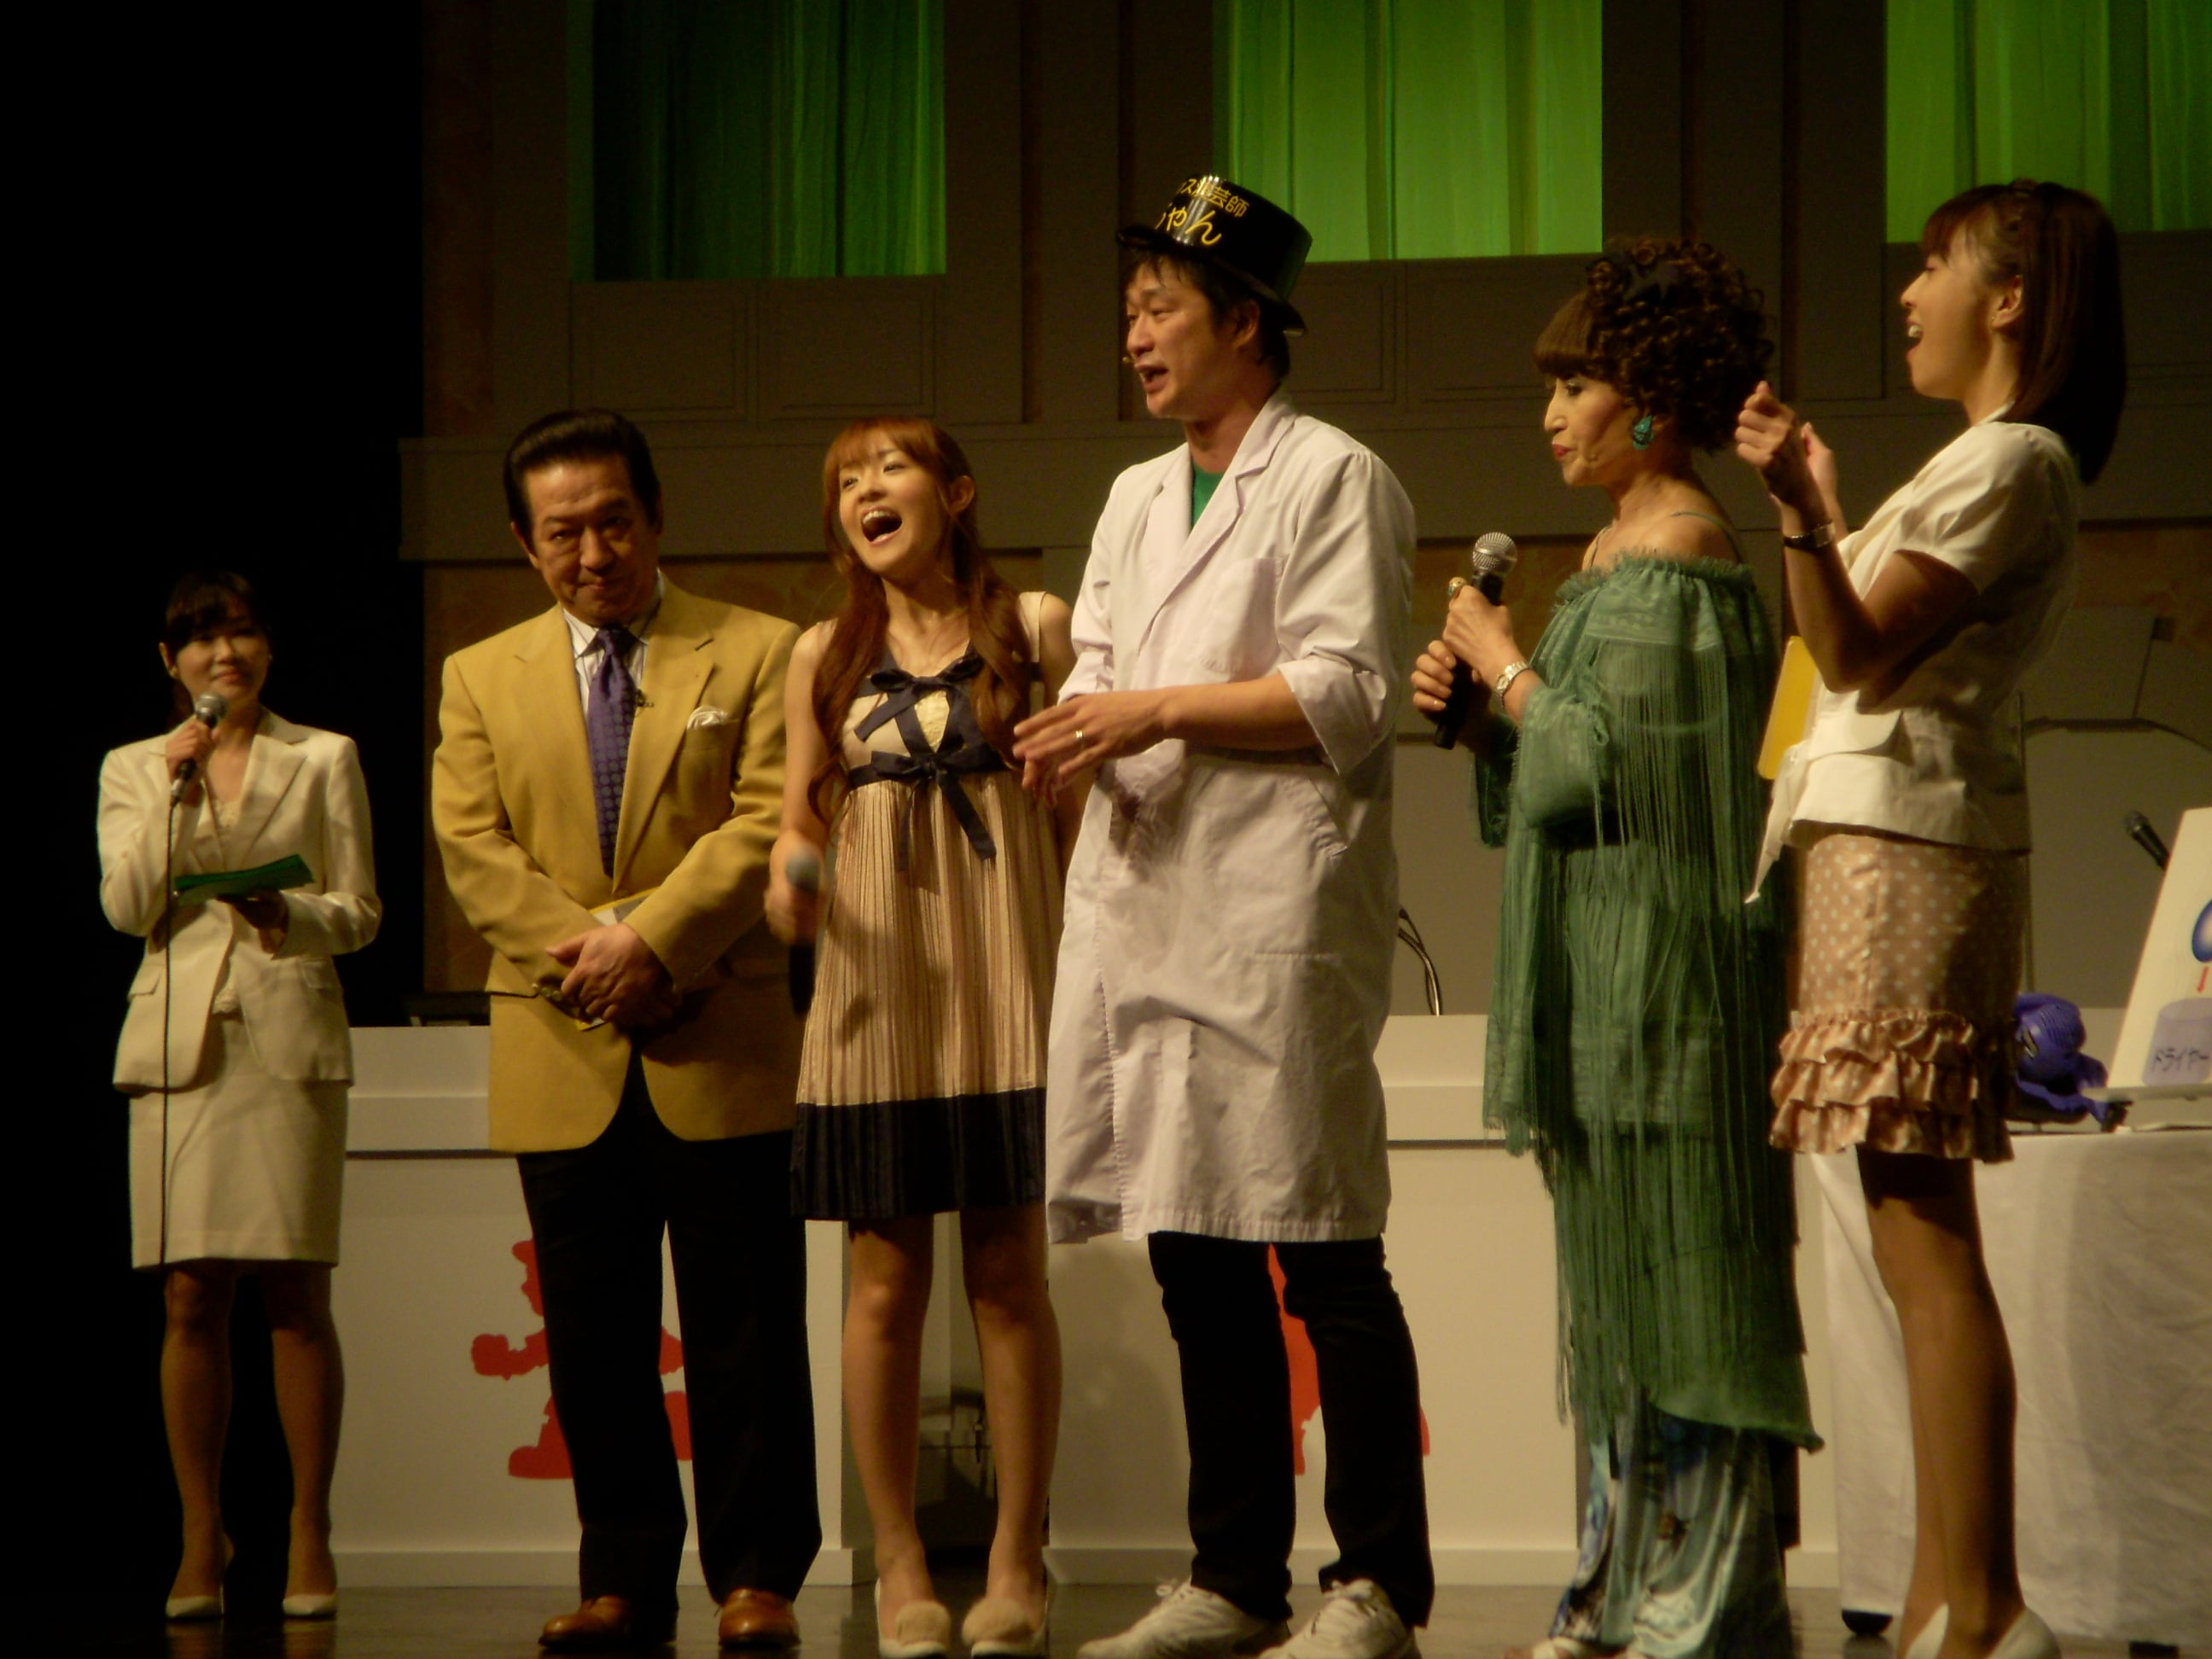 黒柳徹子さん,草野仁さん,大沢あかねさん,小林麻耶さん